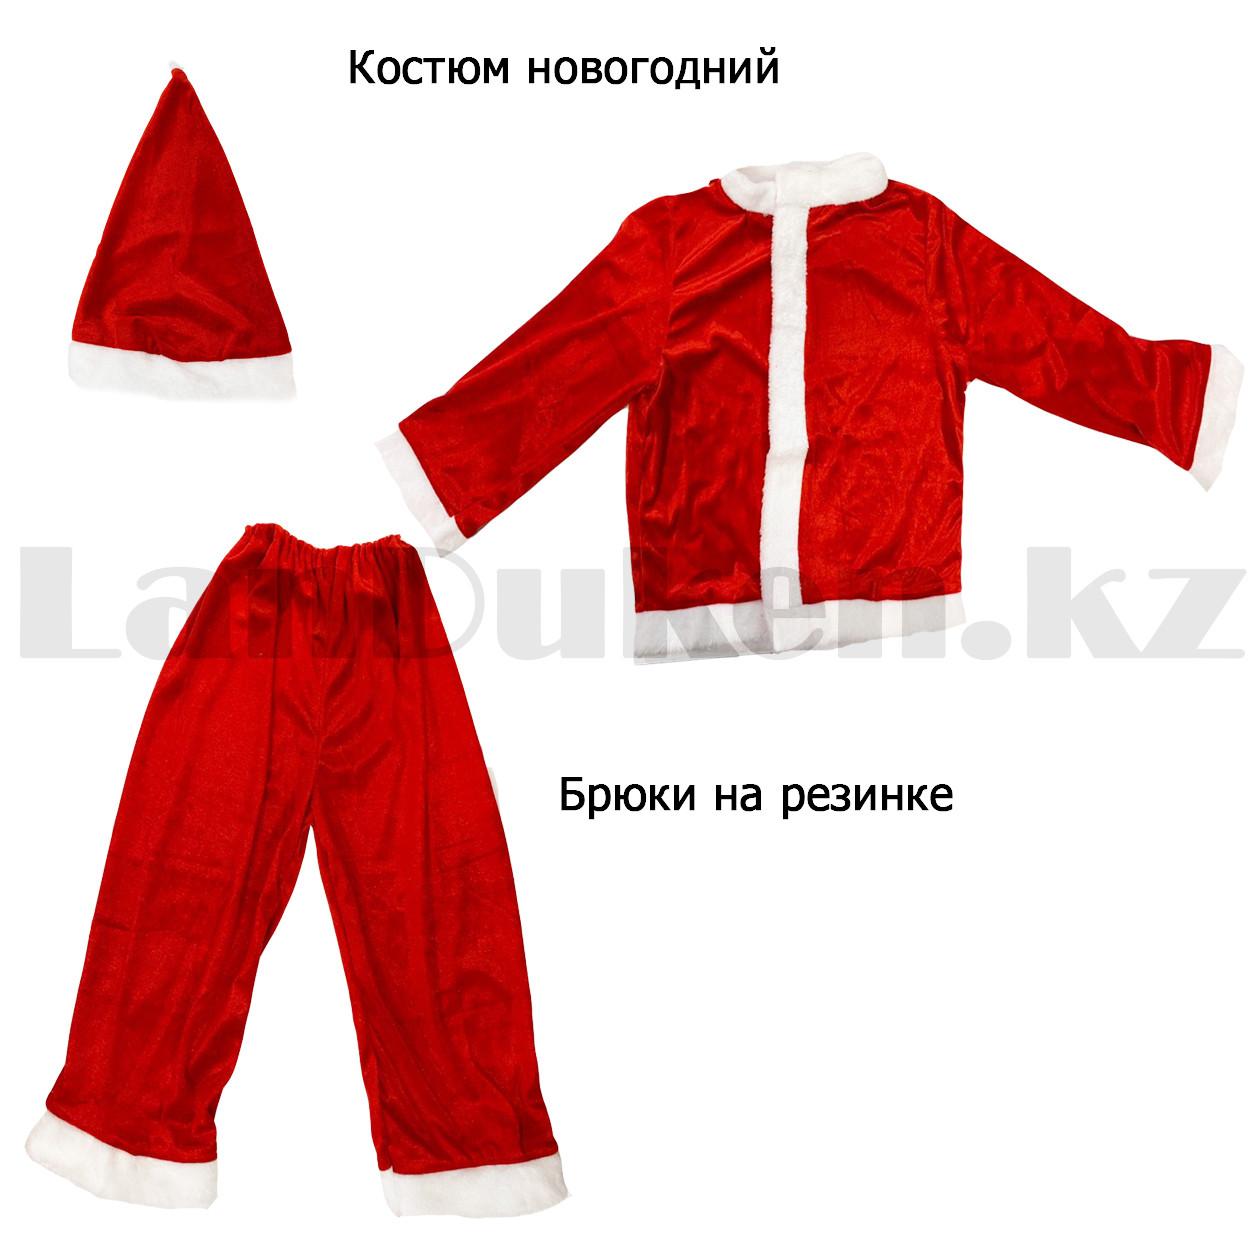 Костюм детский карнавальный раздельный Деда Мороза Аяз Ата красный - фото 9